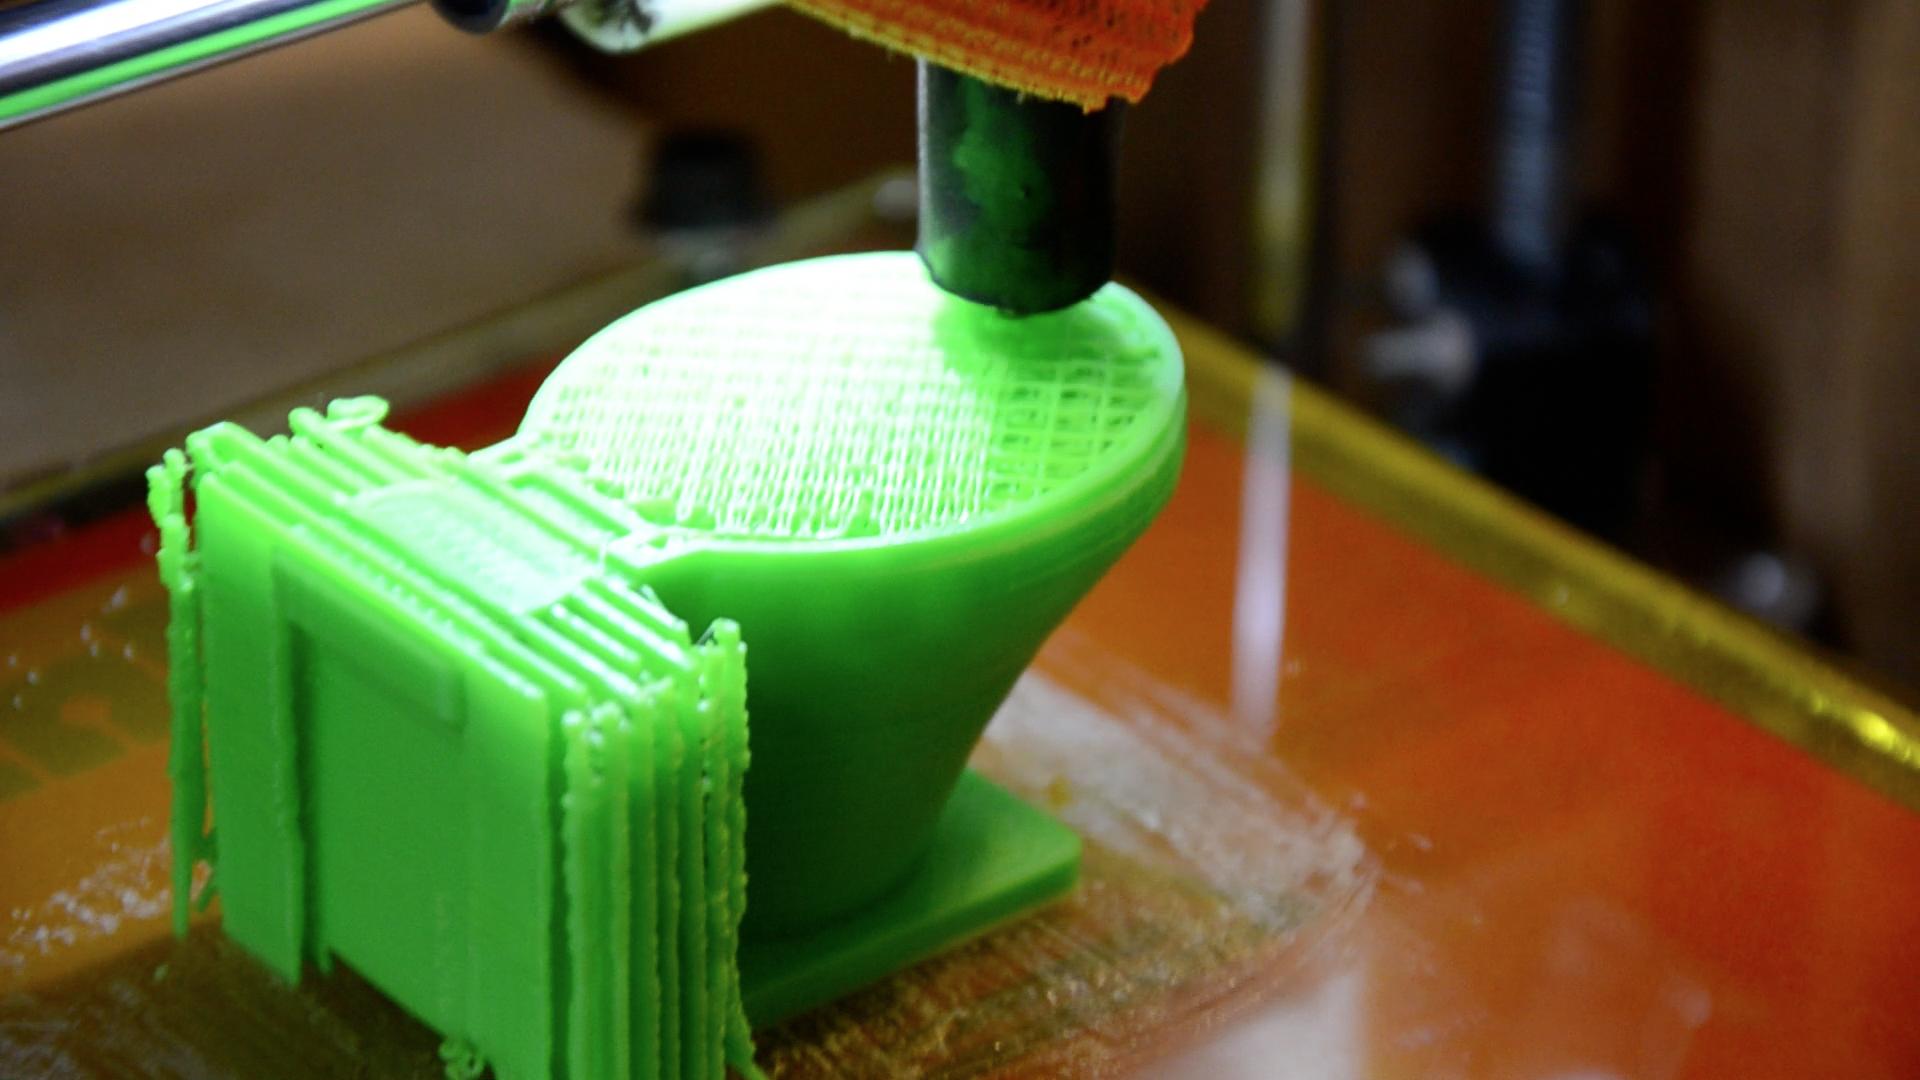 3D Printed Toilet